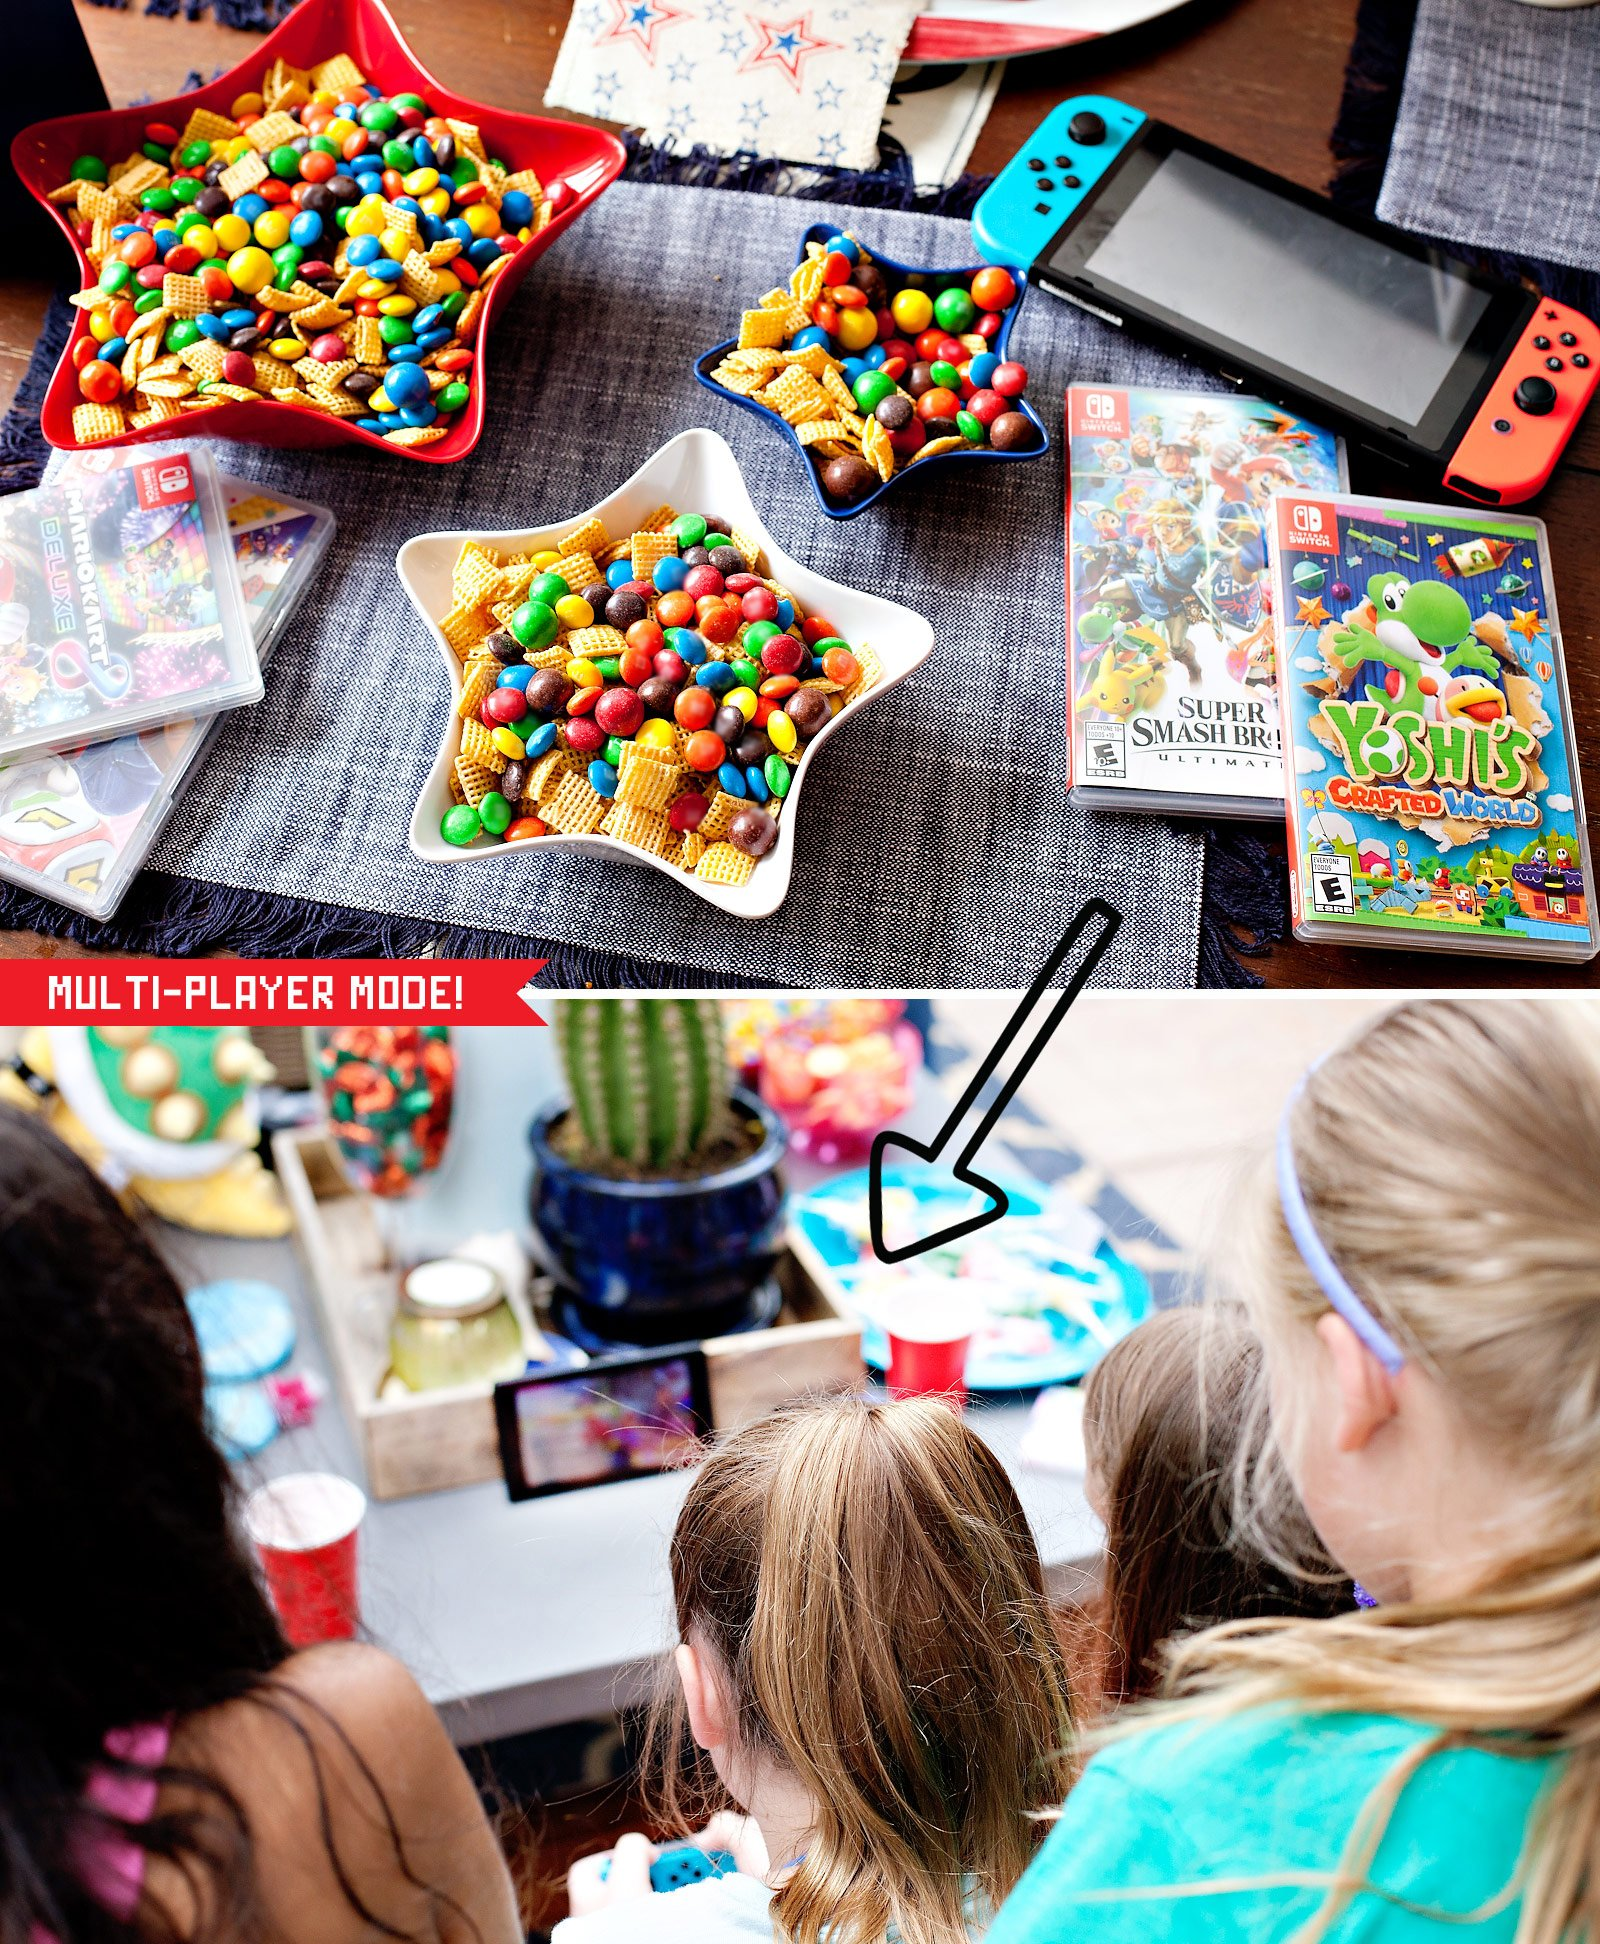 kids playing Nintendo Switch games